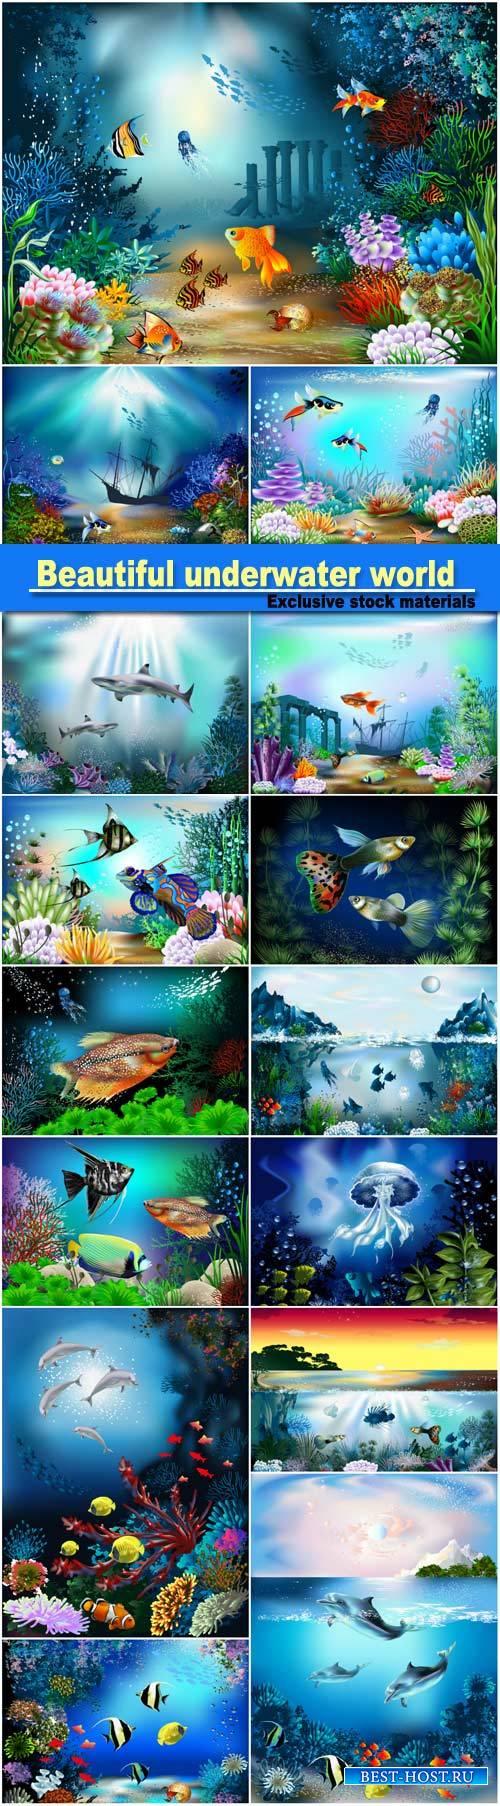 Beautiful underwater world, fish and marine life vector